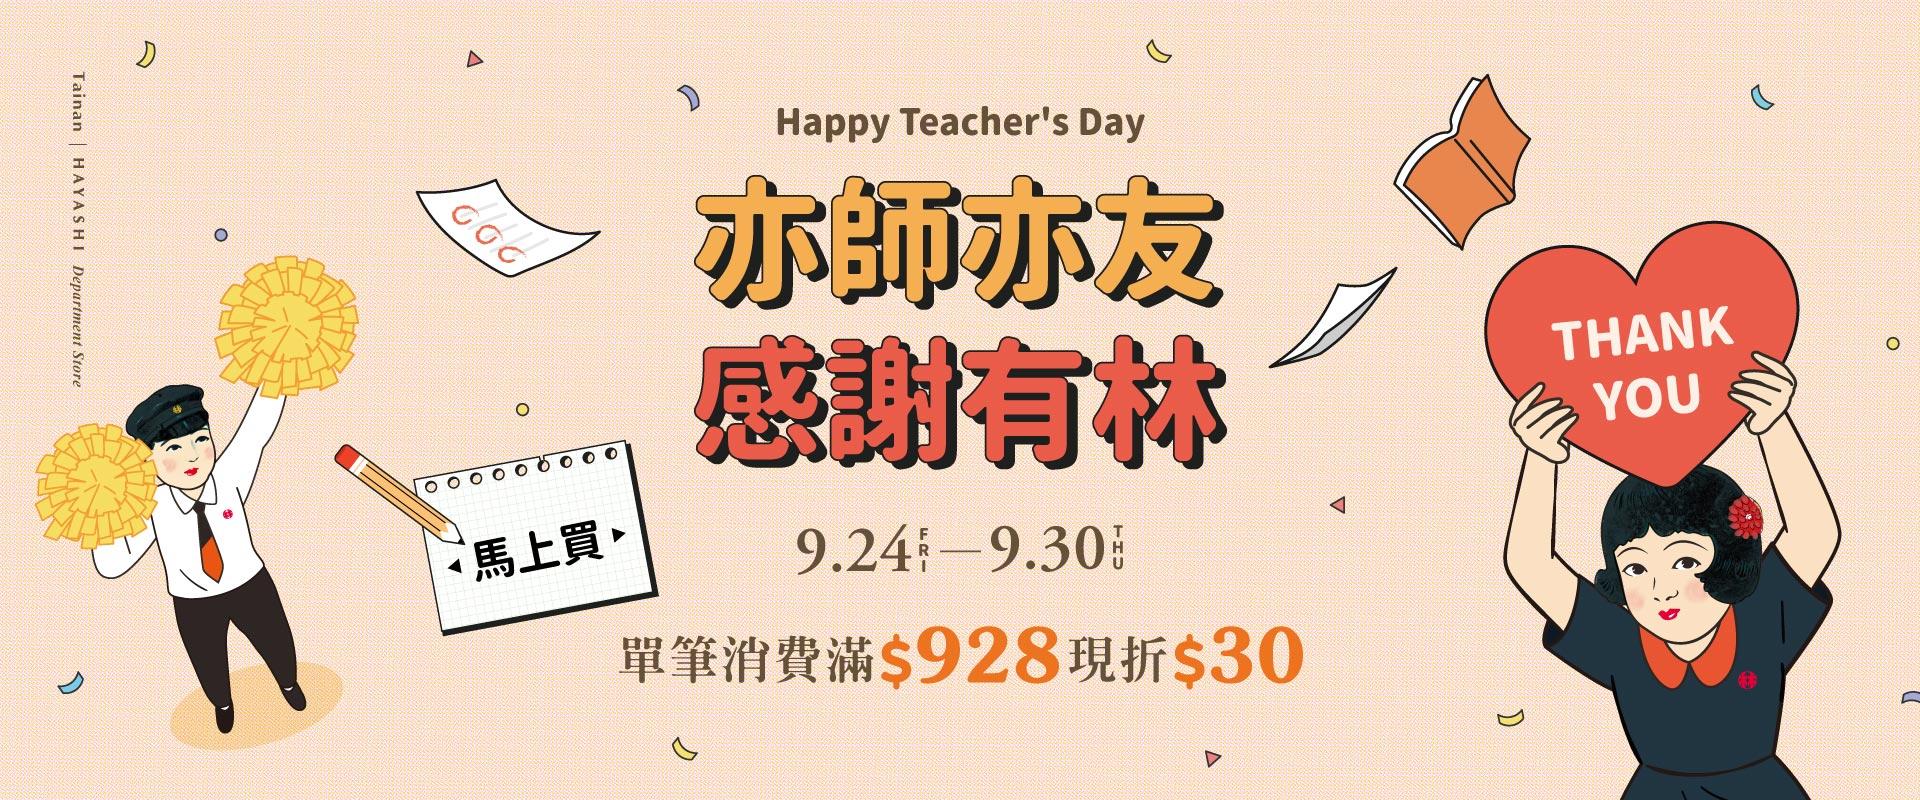 台南林百貨 教師節 亦師亦友